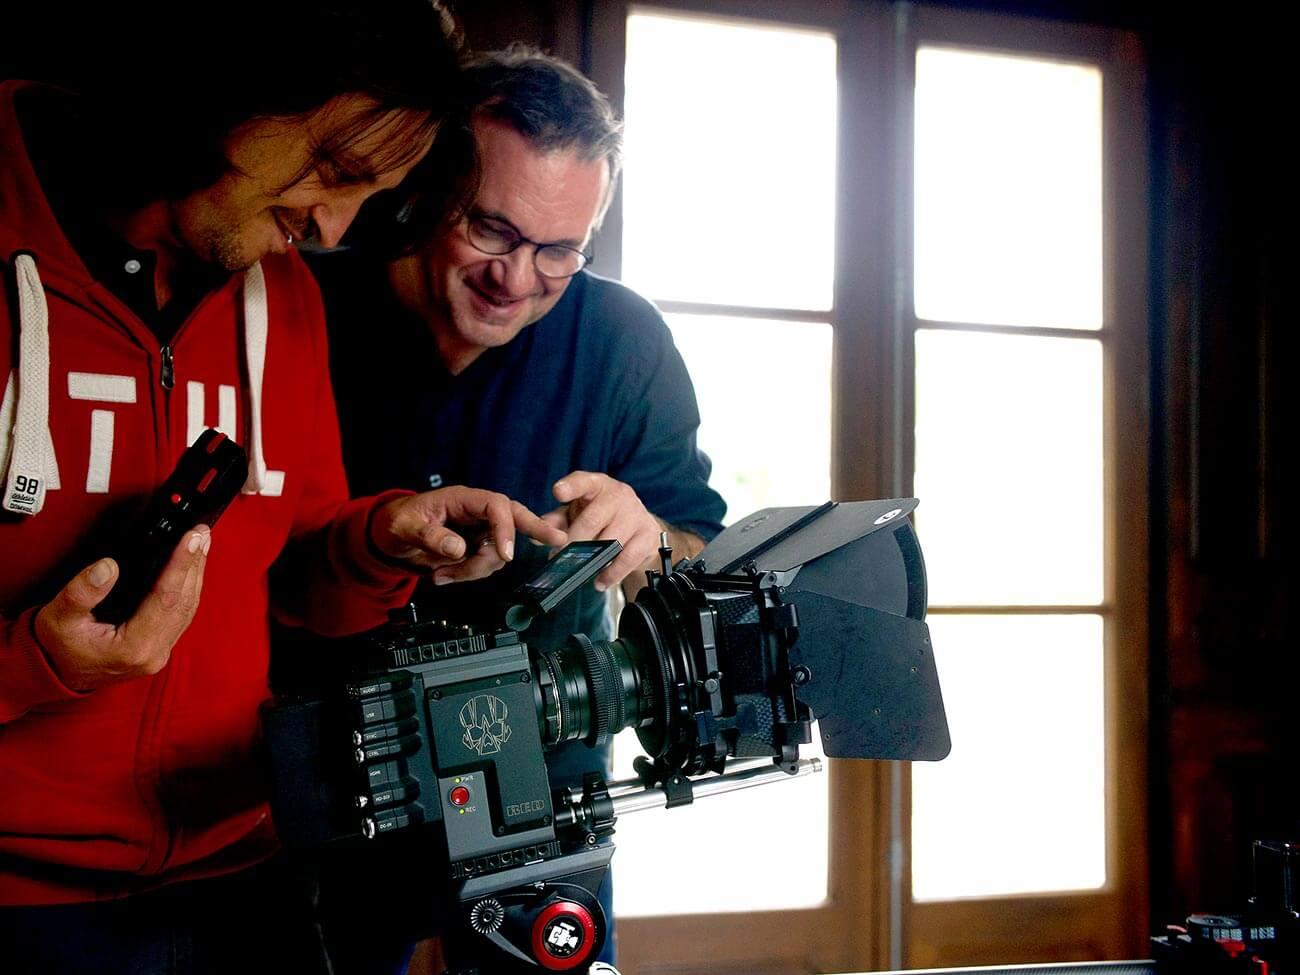 Réalisateur de Kronos Productions lors d'un tournage audiovisuel